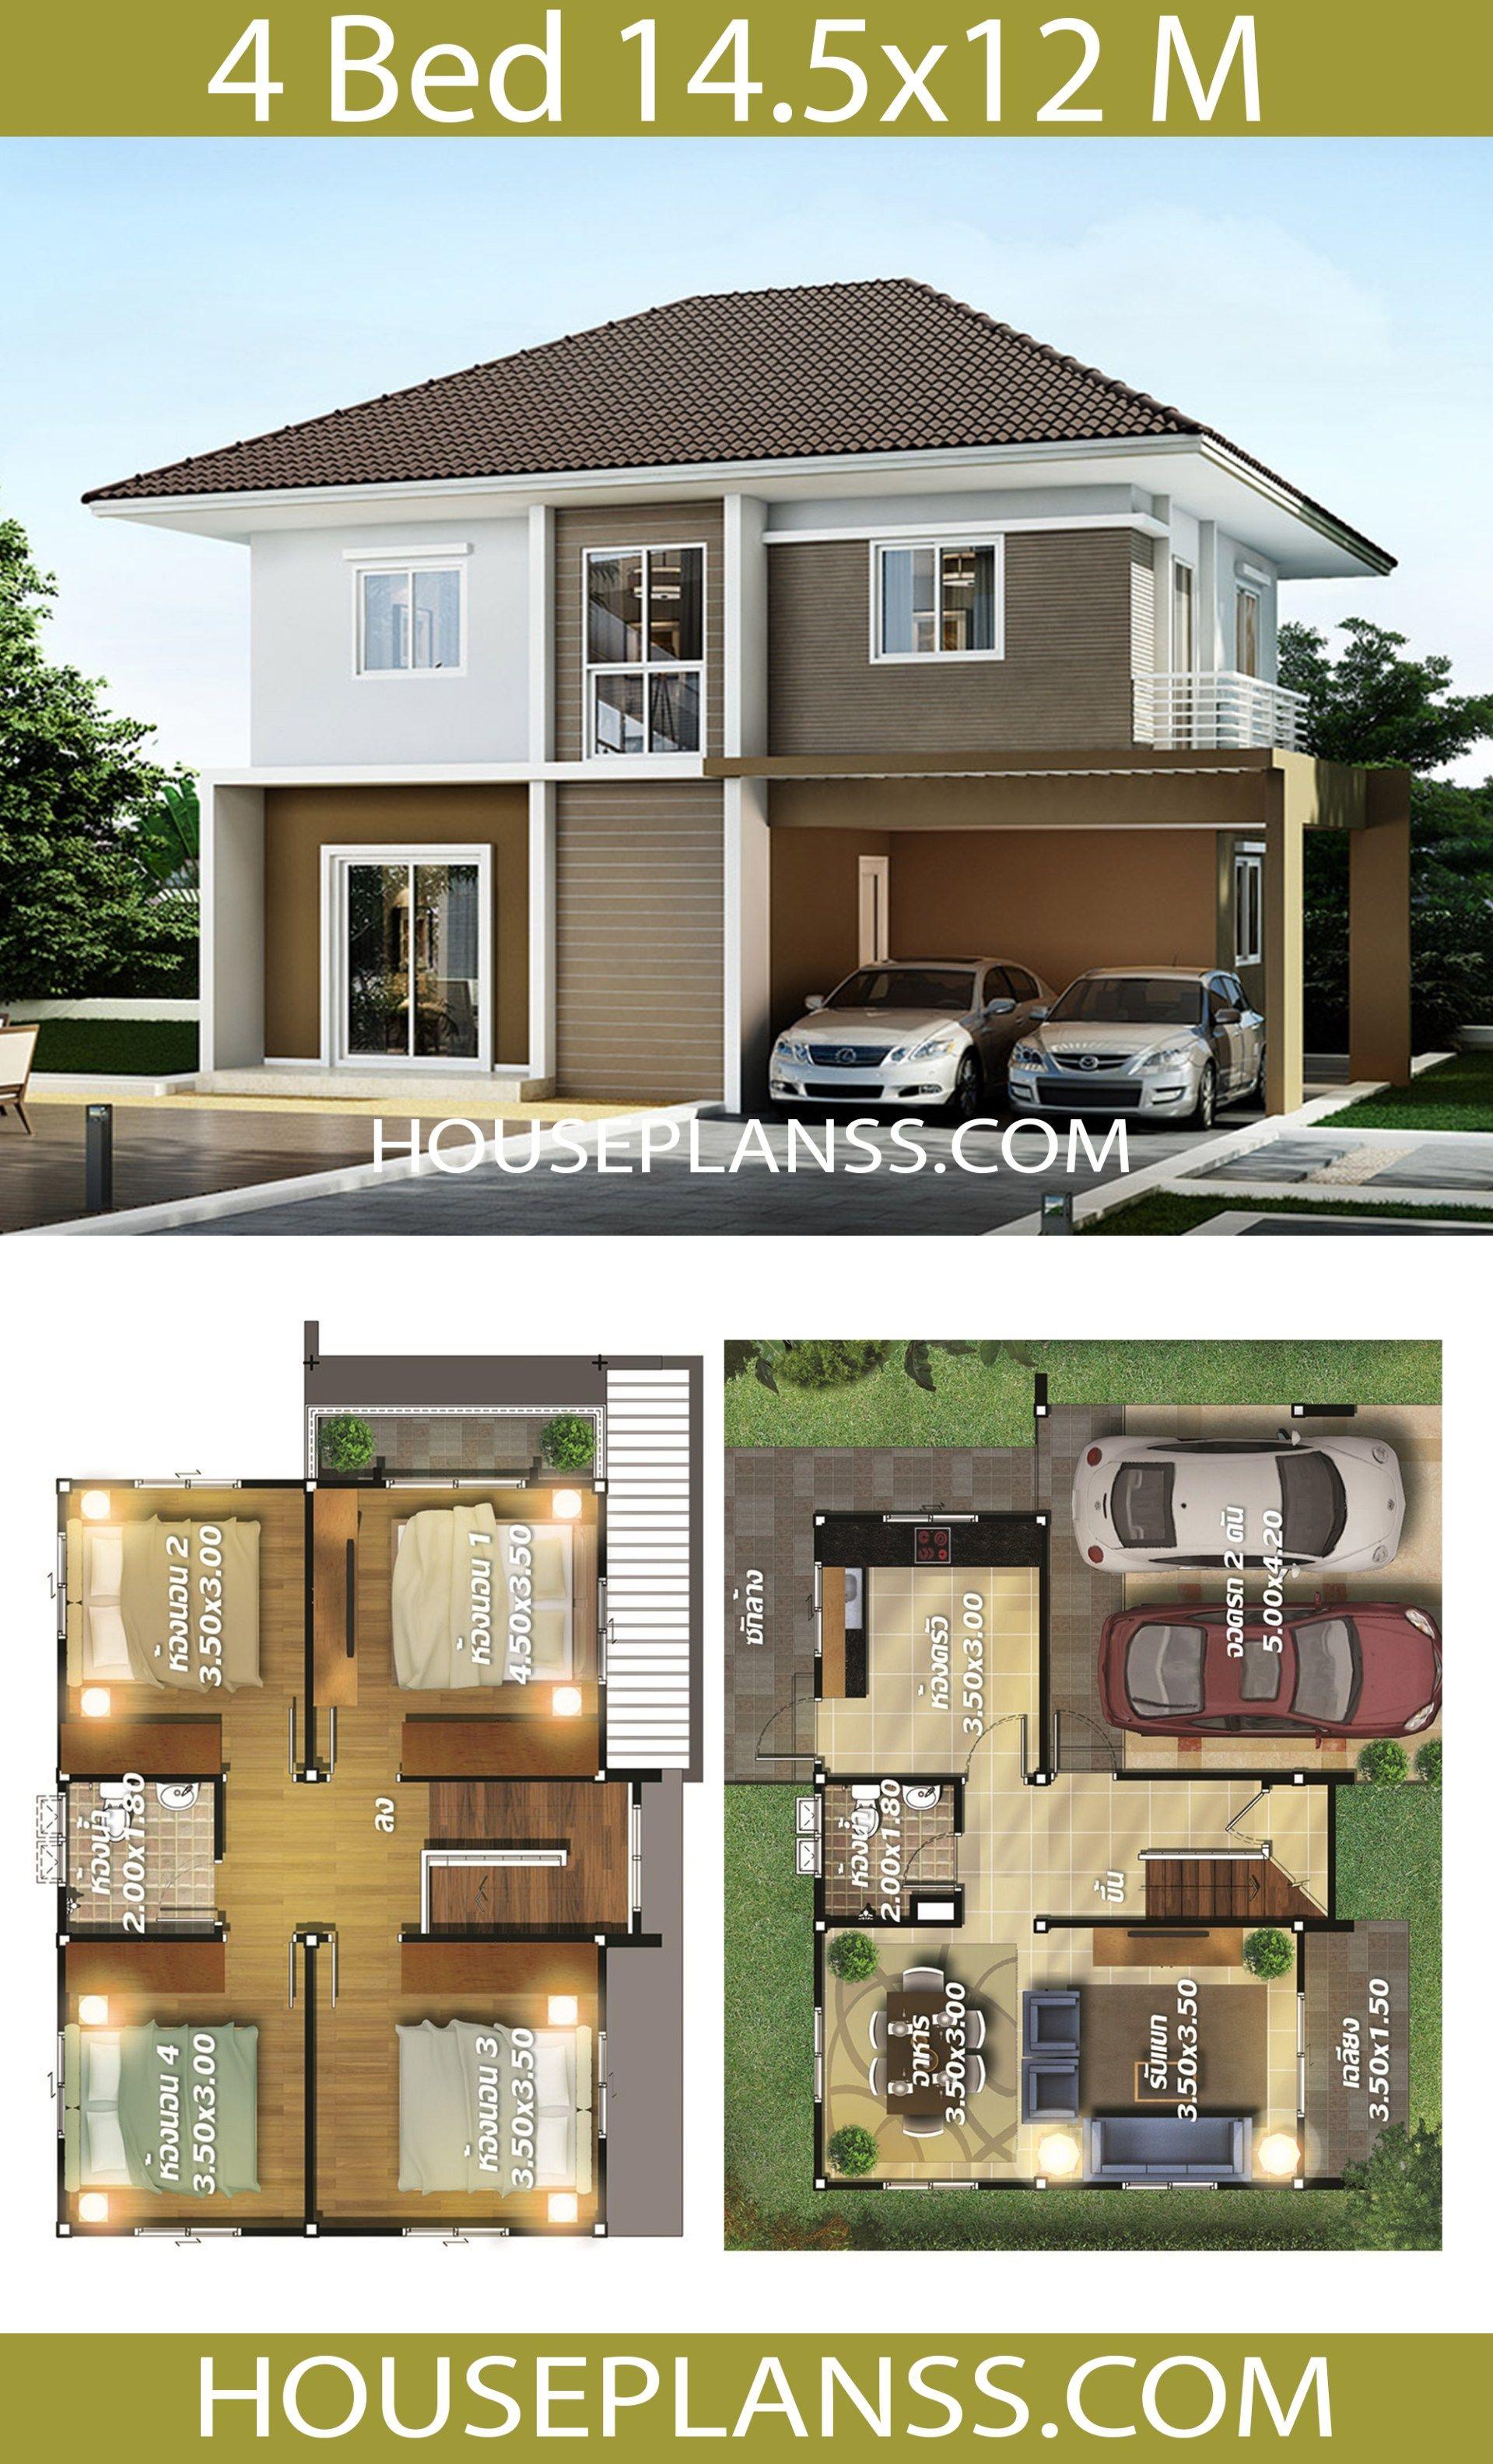 House Plans Idea 14 5x12 With 4 Bedrooms House Plans 3d Model House Plan Home Design Plans Bungalow House Design